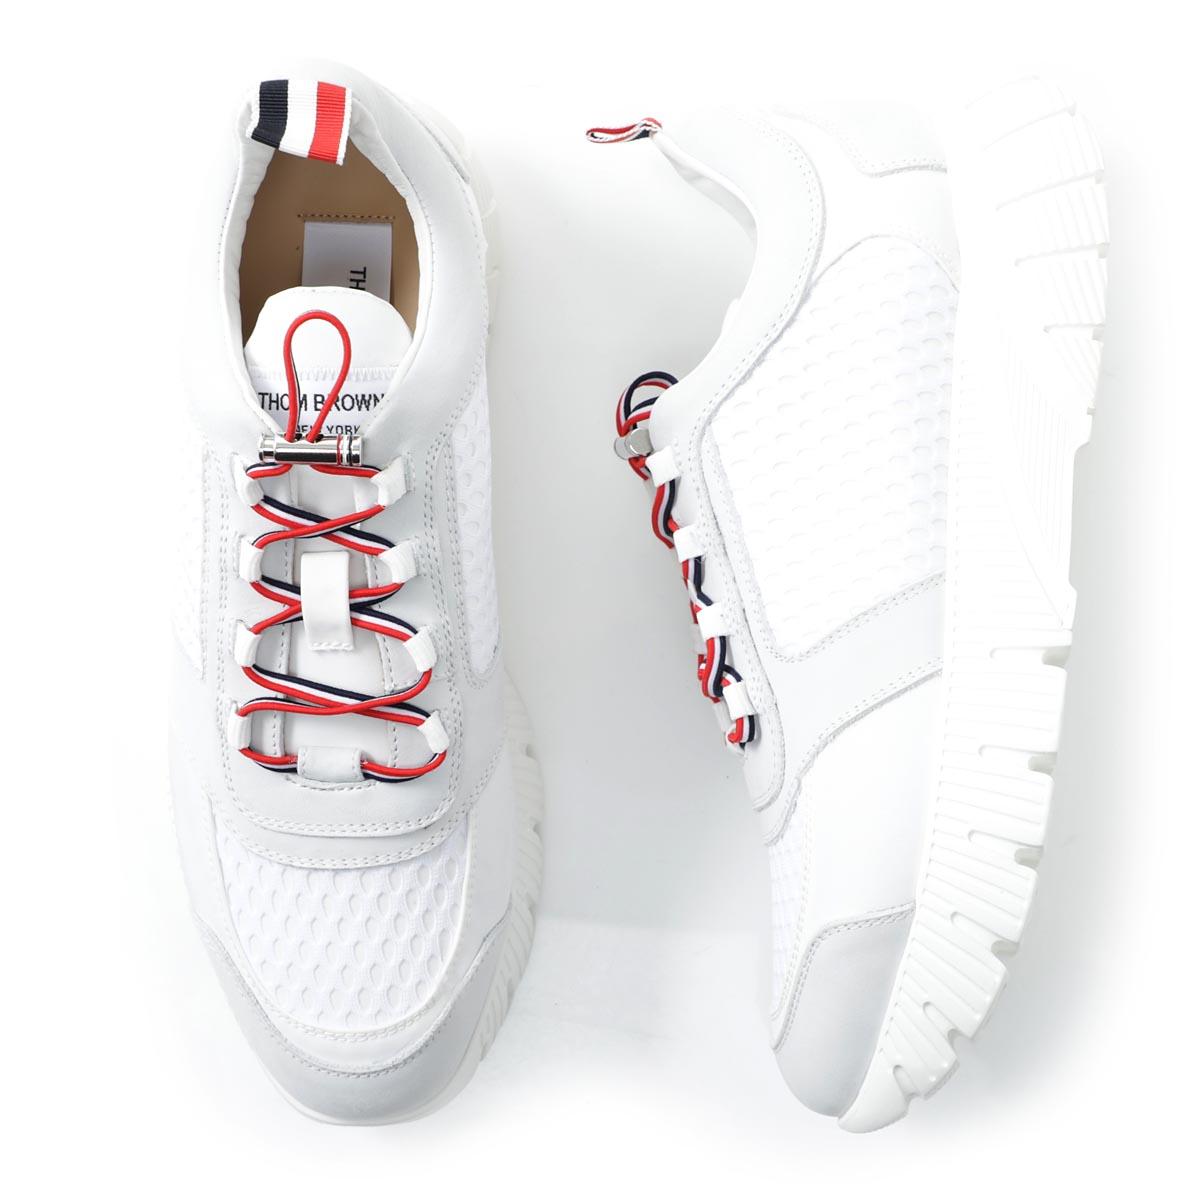 メンズ靴, スニーカー  THOM BROWNE. mfd139a 03193 100 RASED RUNNING SNEAKER